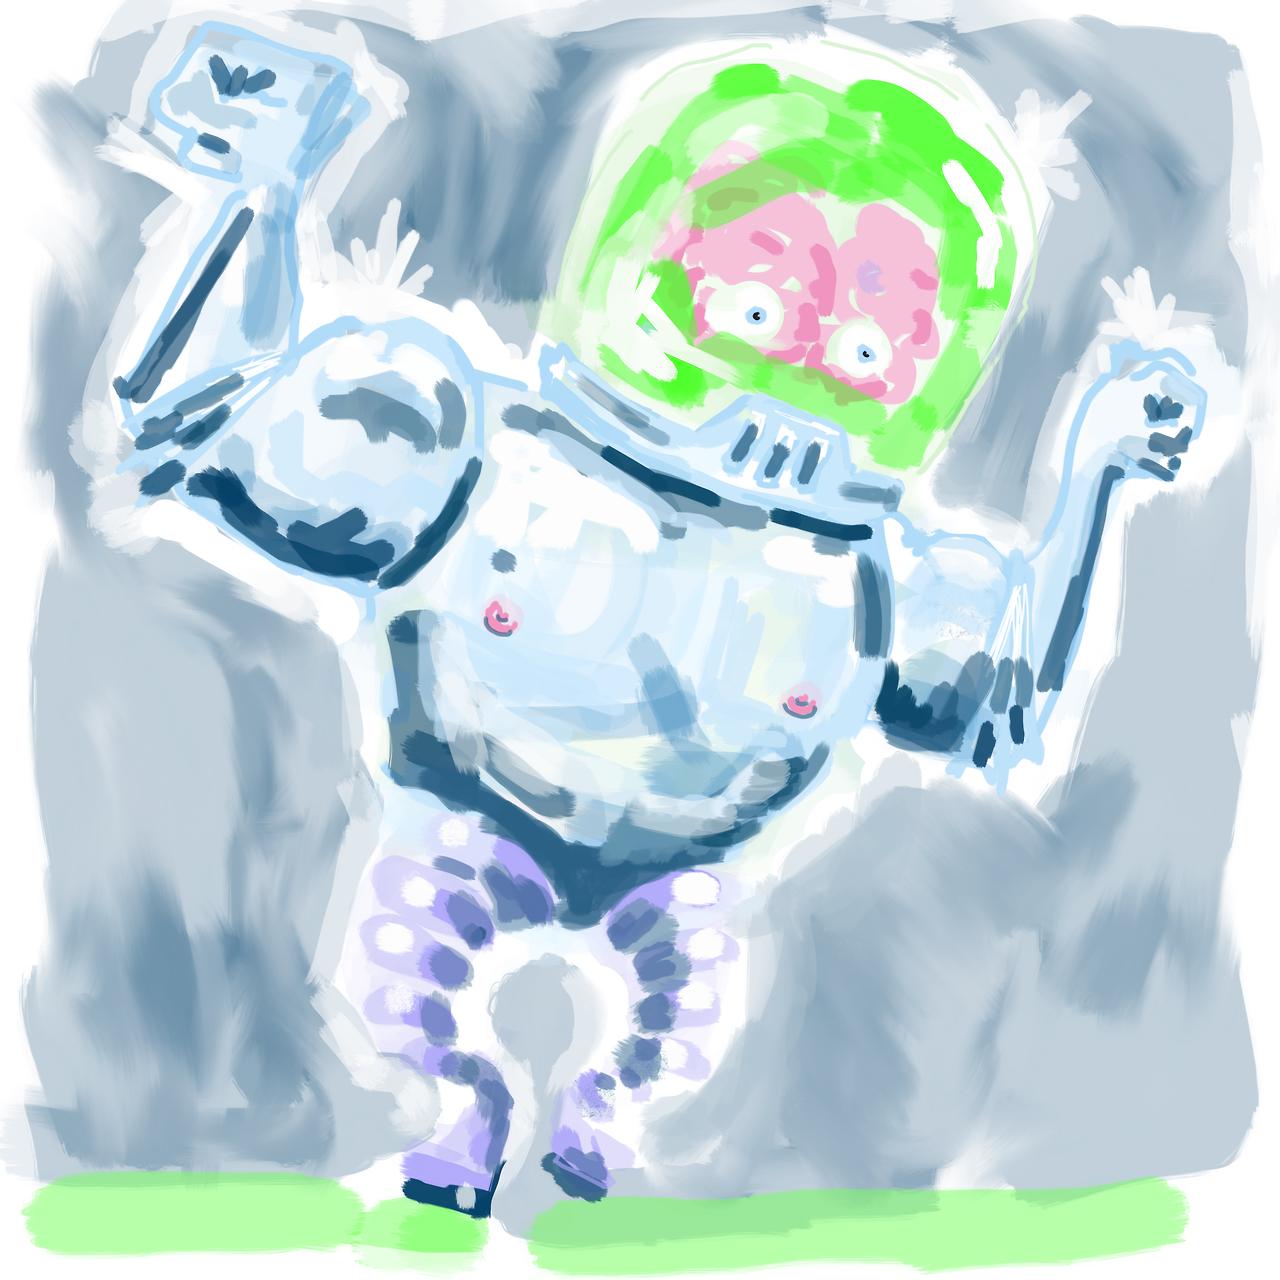 Brawny Brainbot